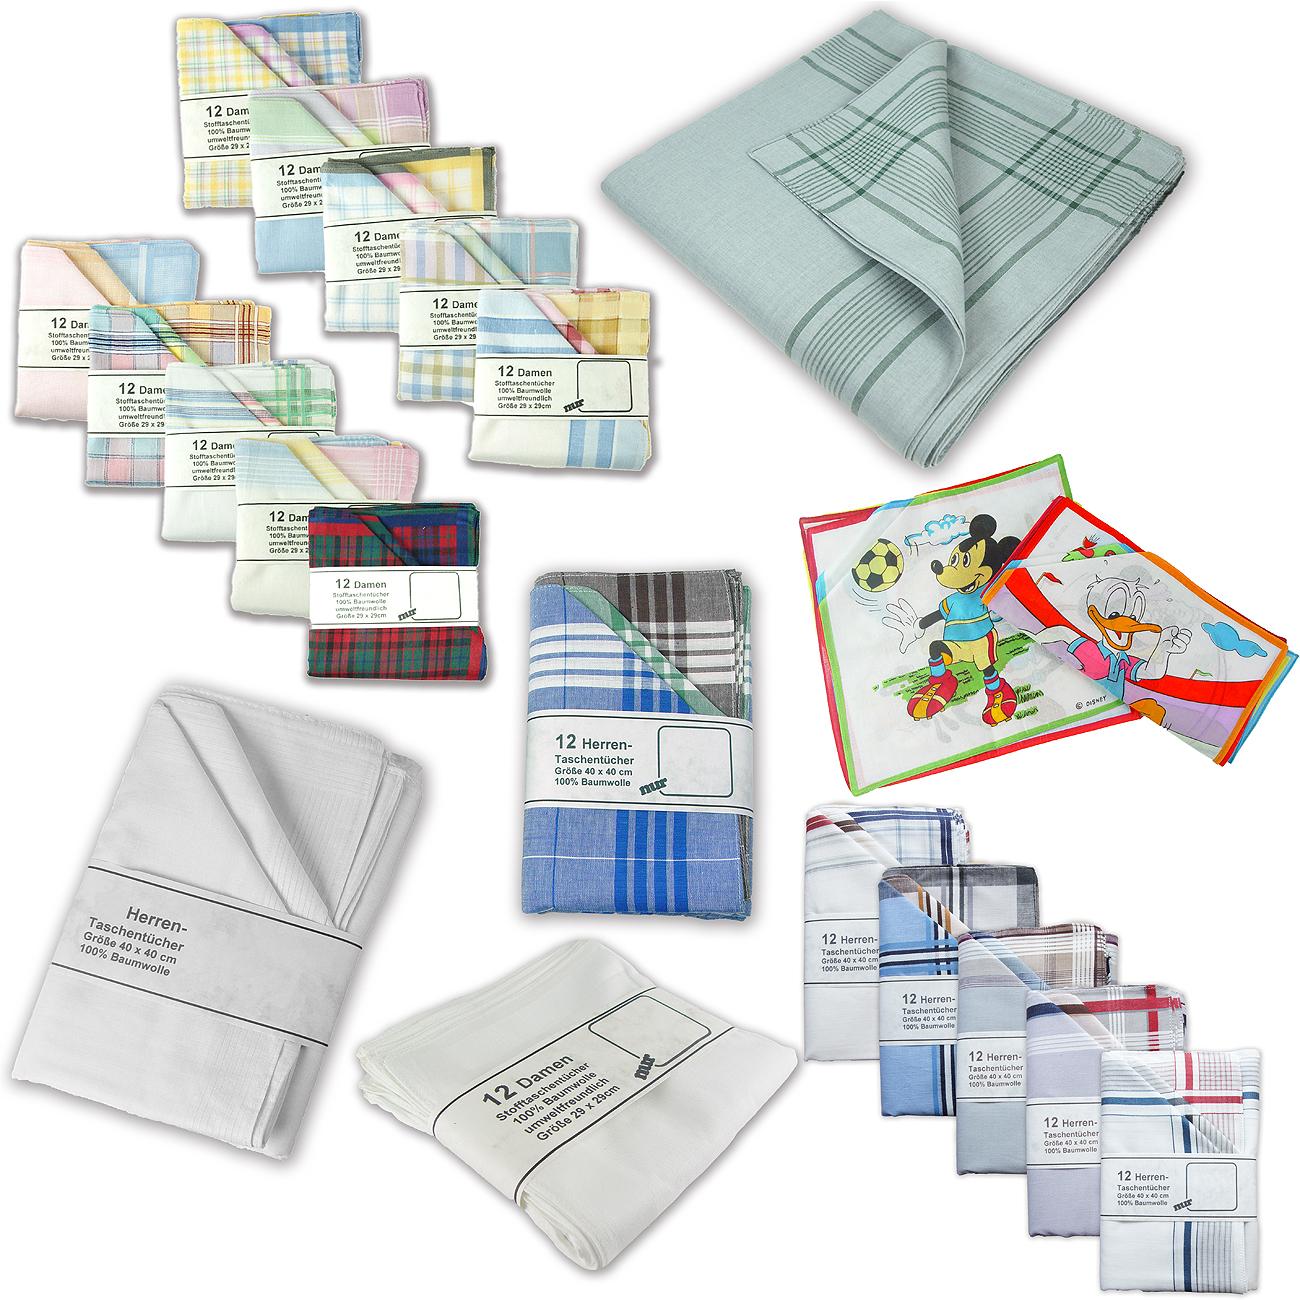 Stofftaschentuecher-100-Baumwolle-weisse-Taschentuecher-oder-andere-Modellen